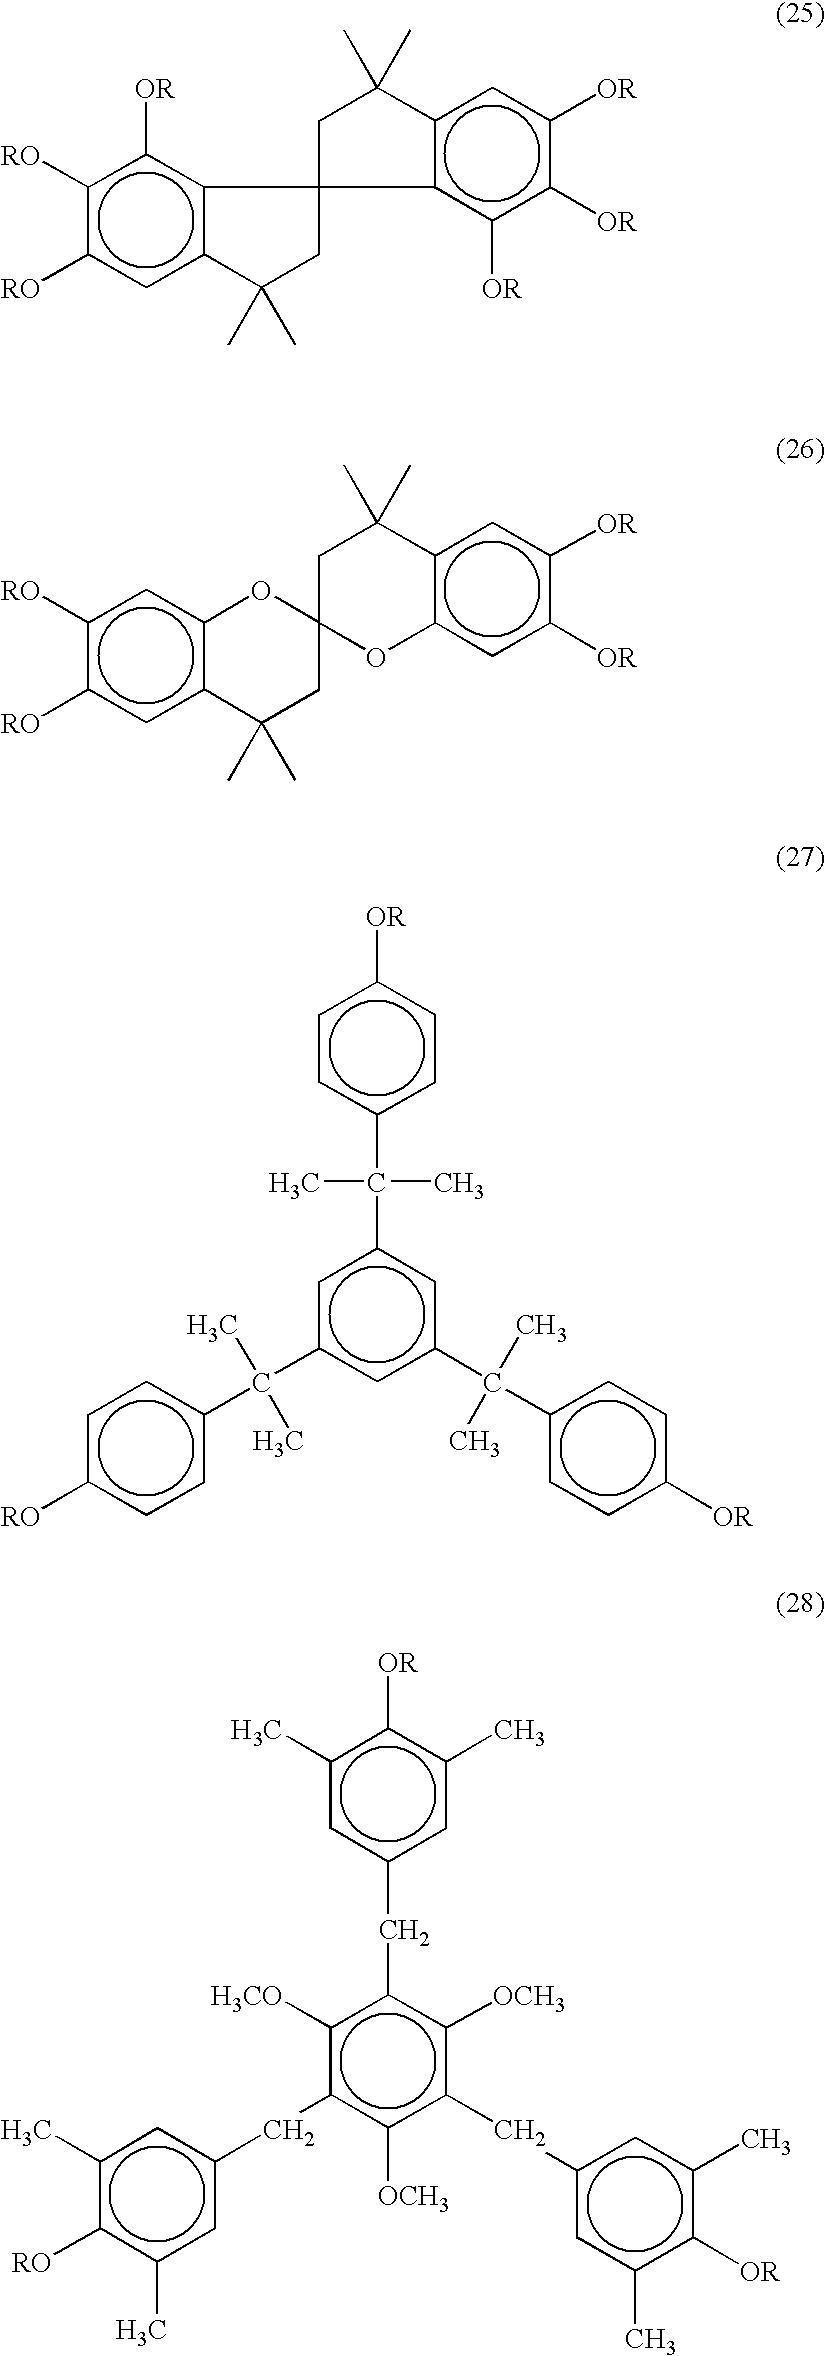 Figure US20070003871A1-20070104-C00086